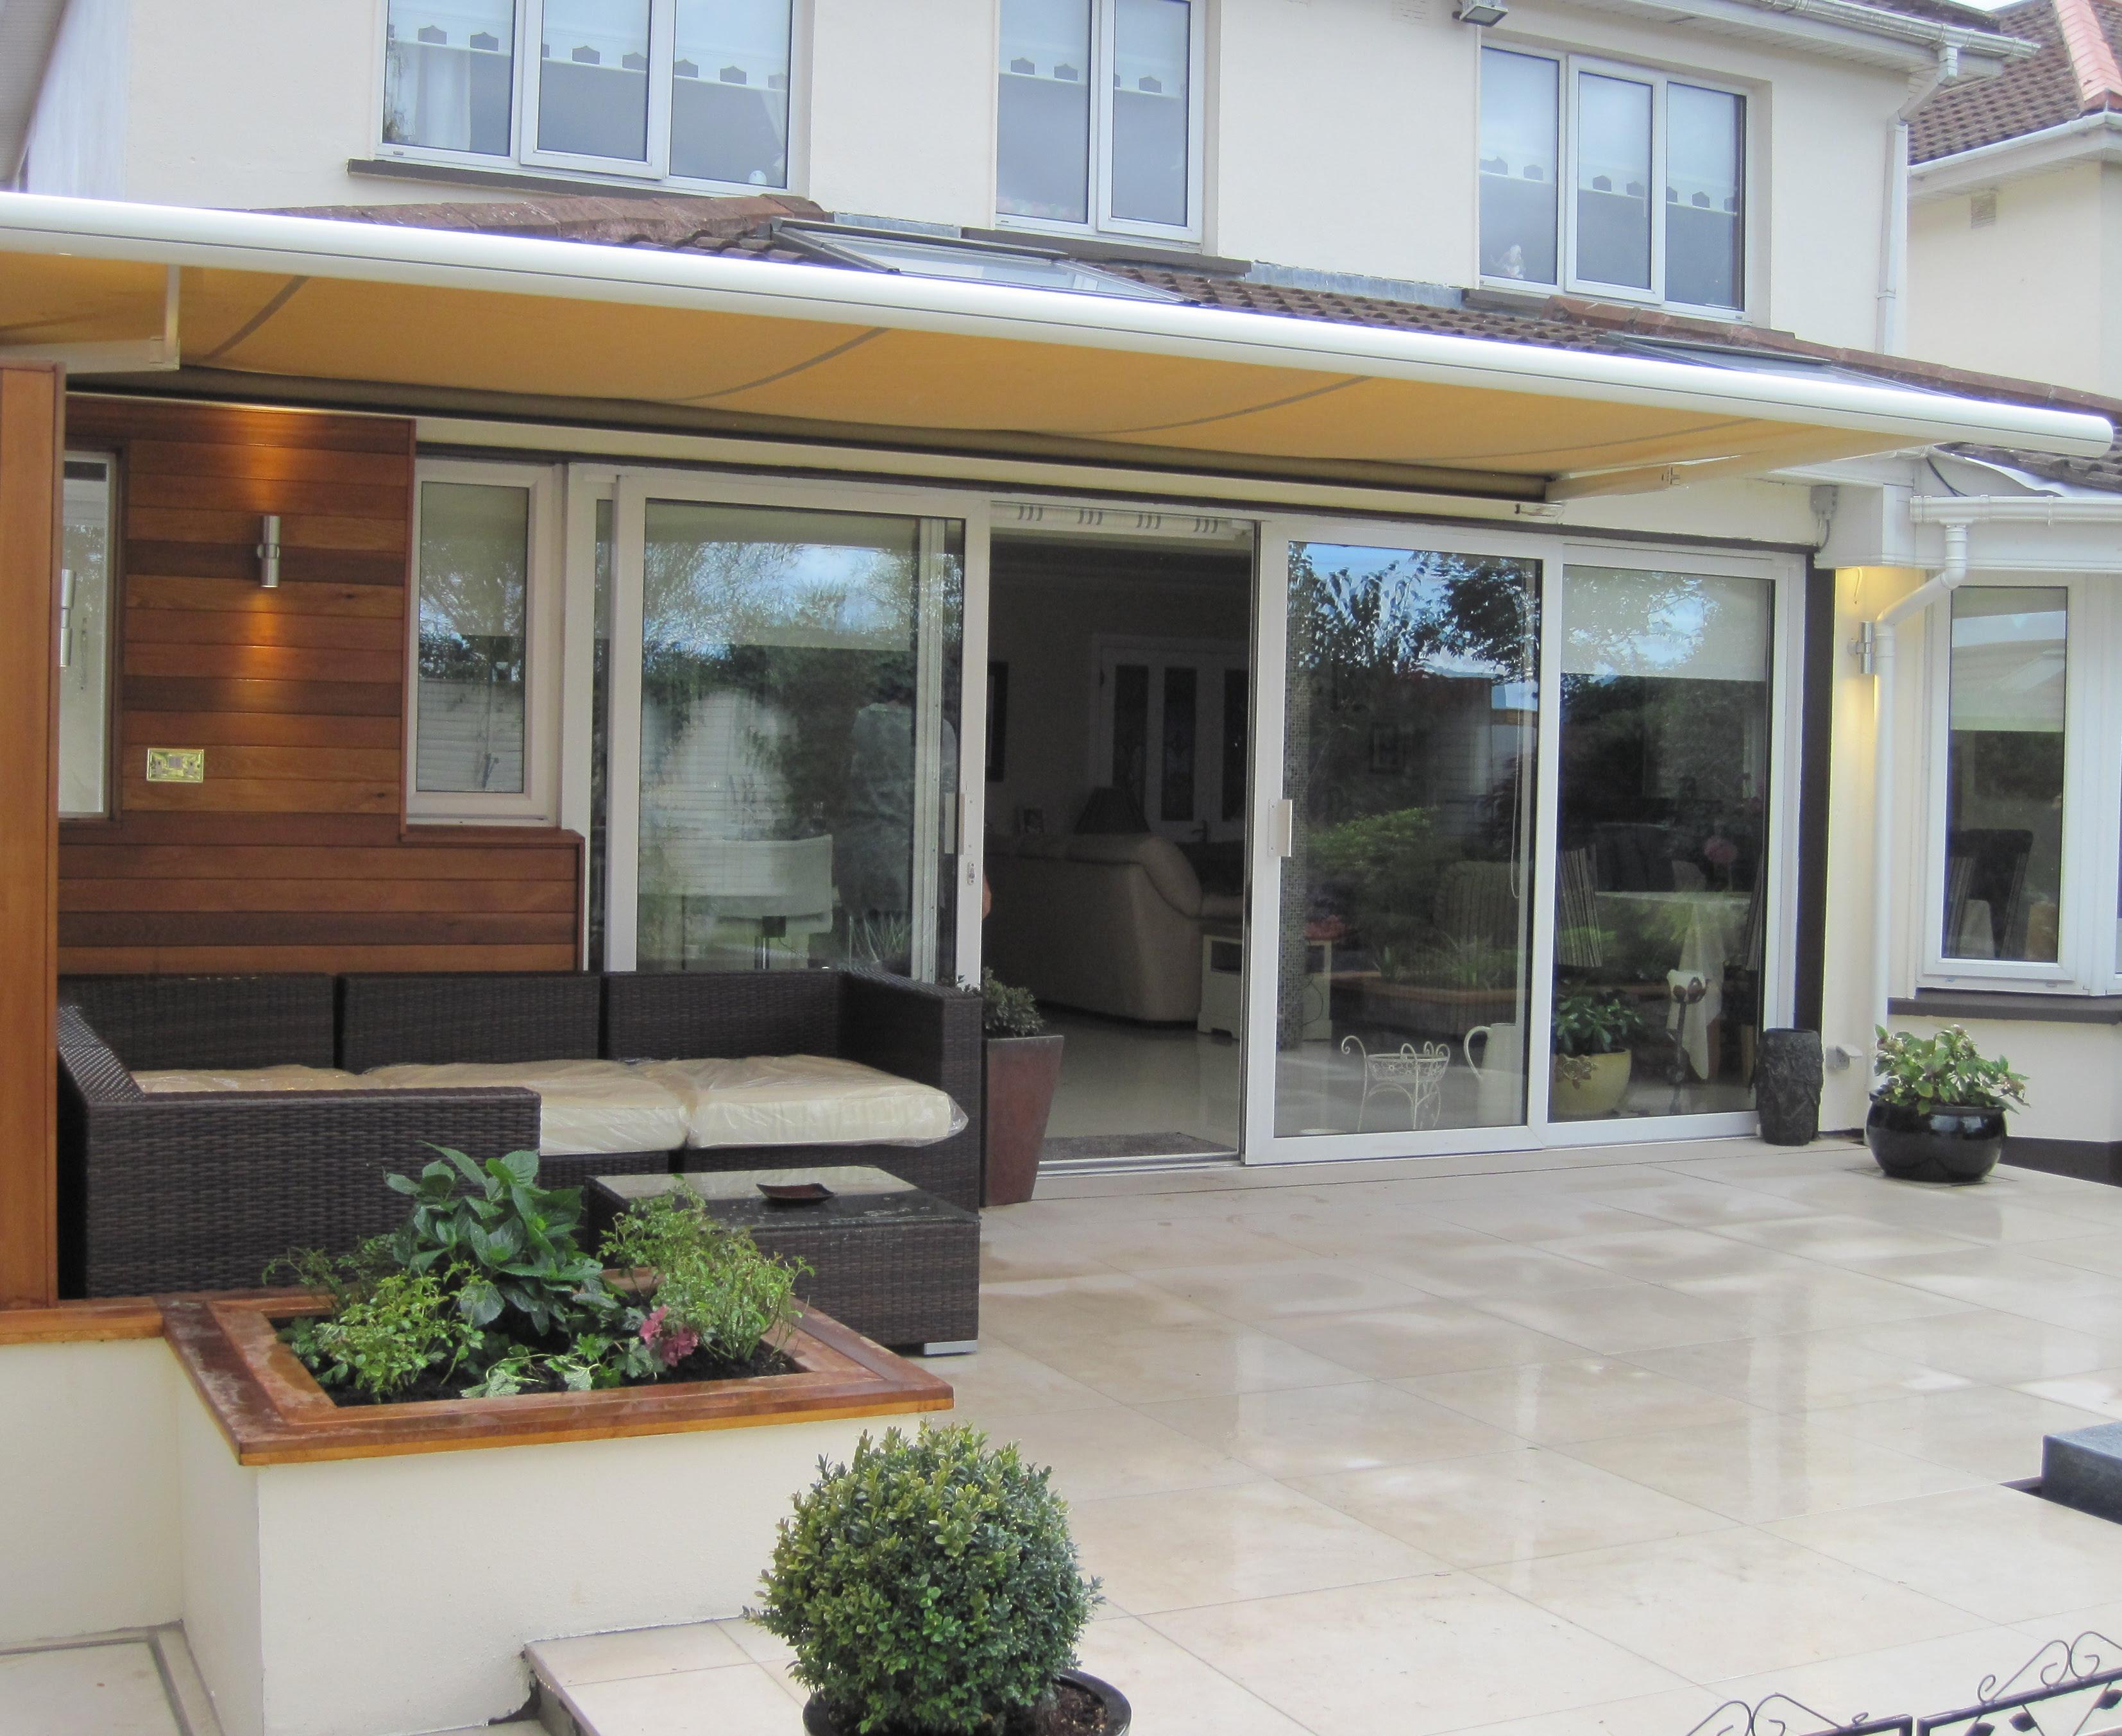 Garden Design Dublin - Creative, Affordable Garden Design ...